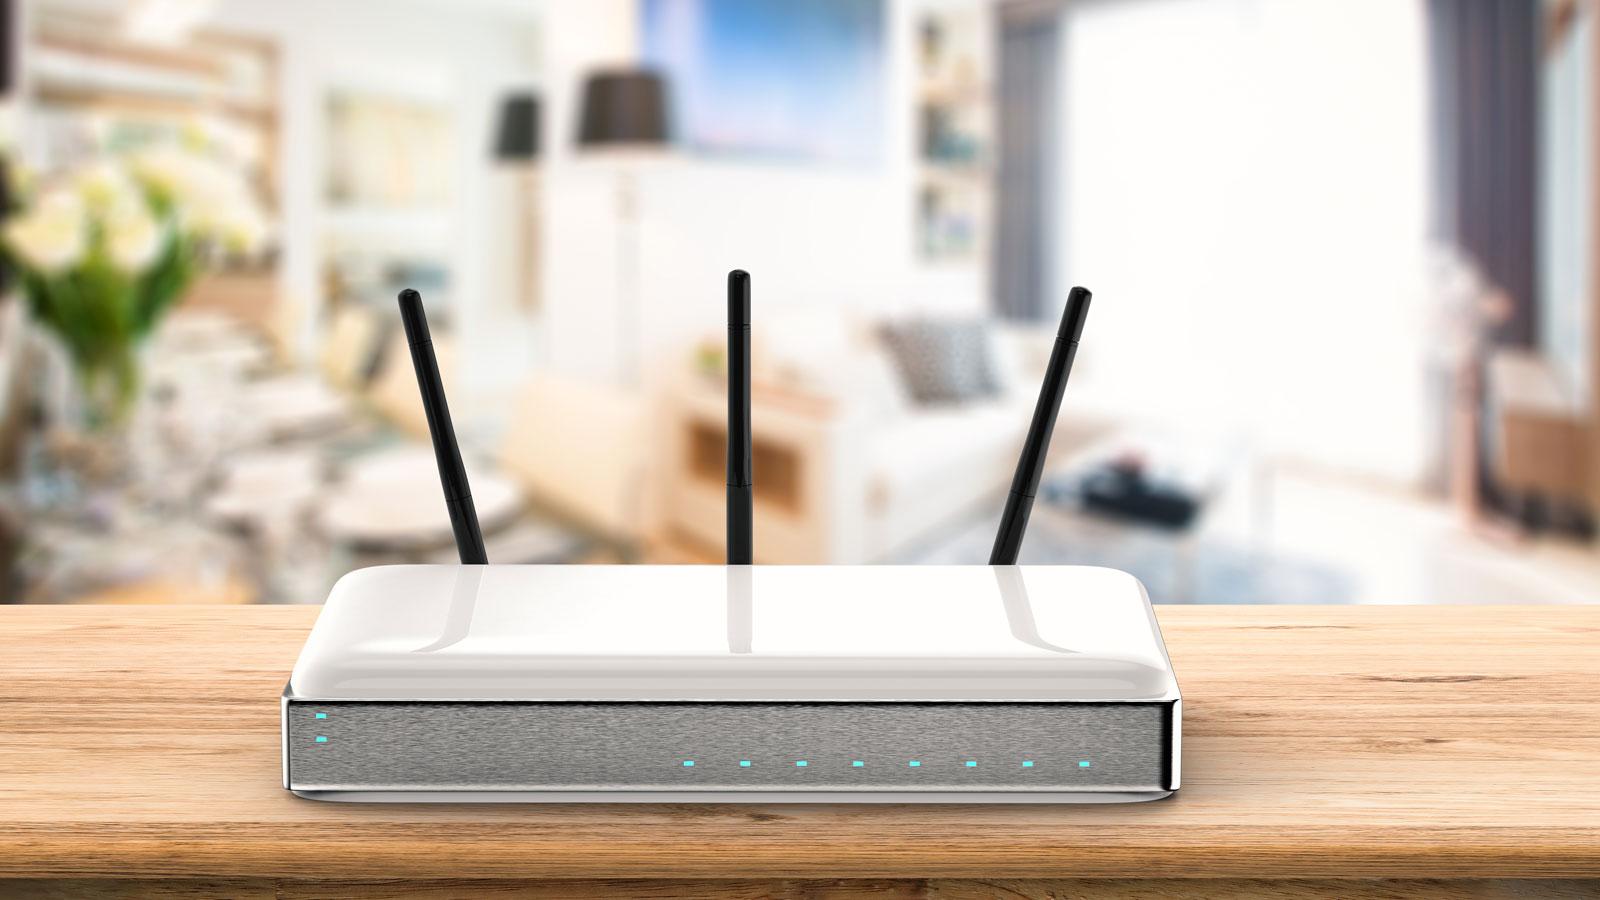 Sicherheit beim WLAN-Router